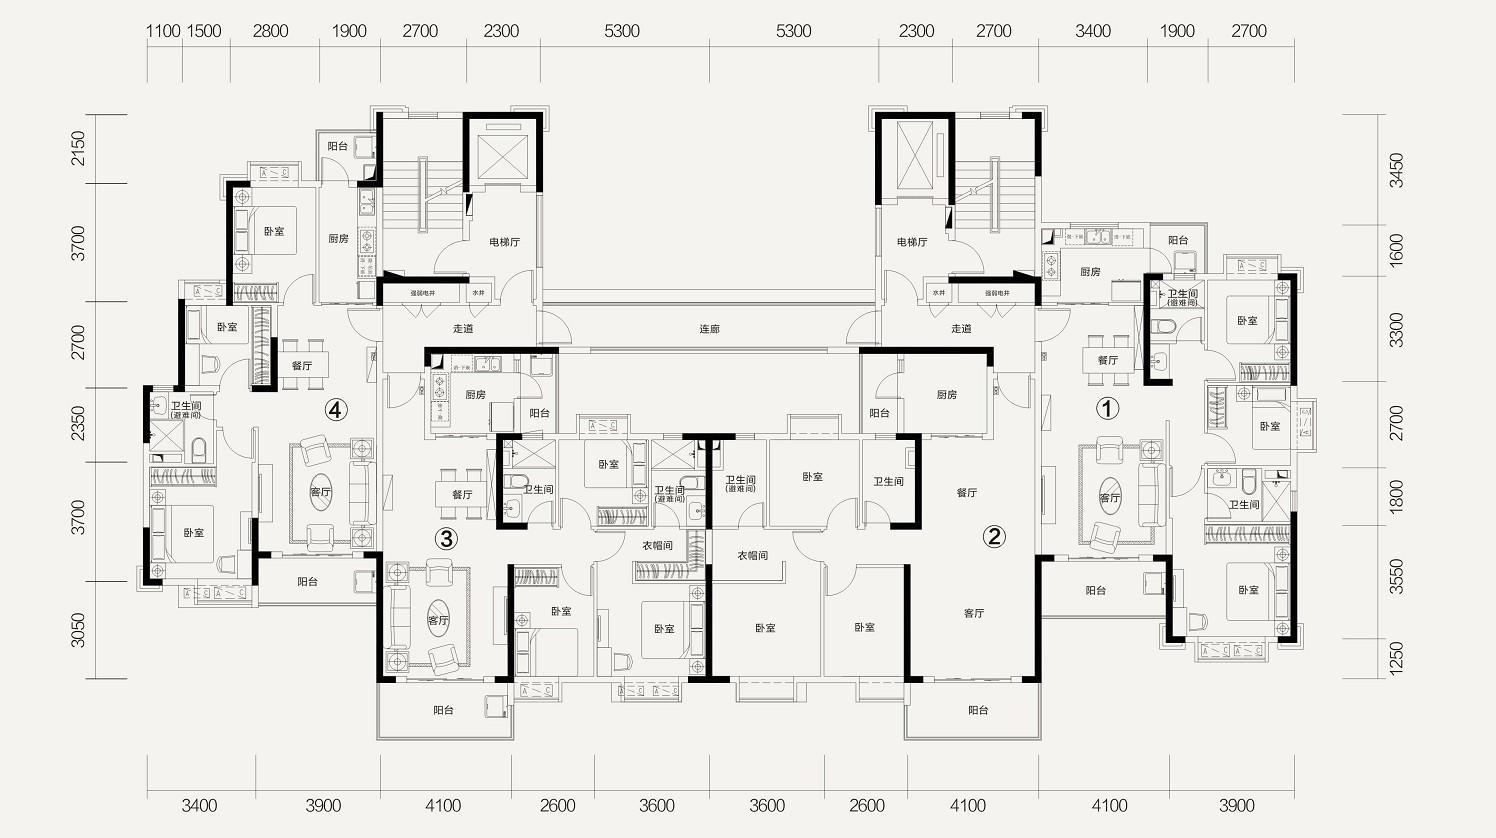 恒大林溪郡恒大林溪郡9#楼层面图-3室2厅户型图